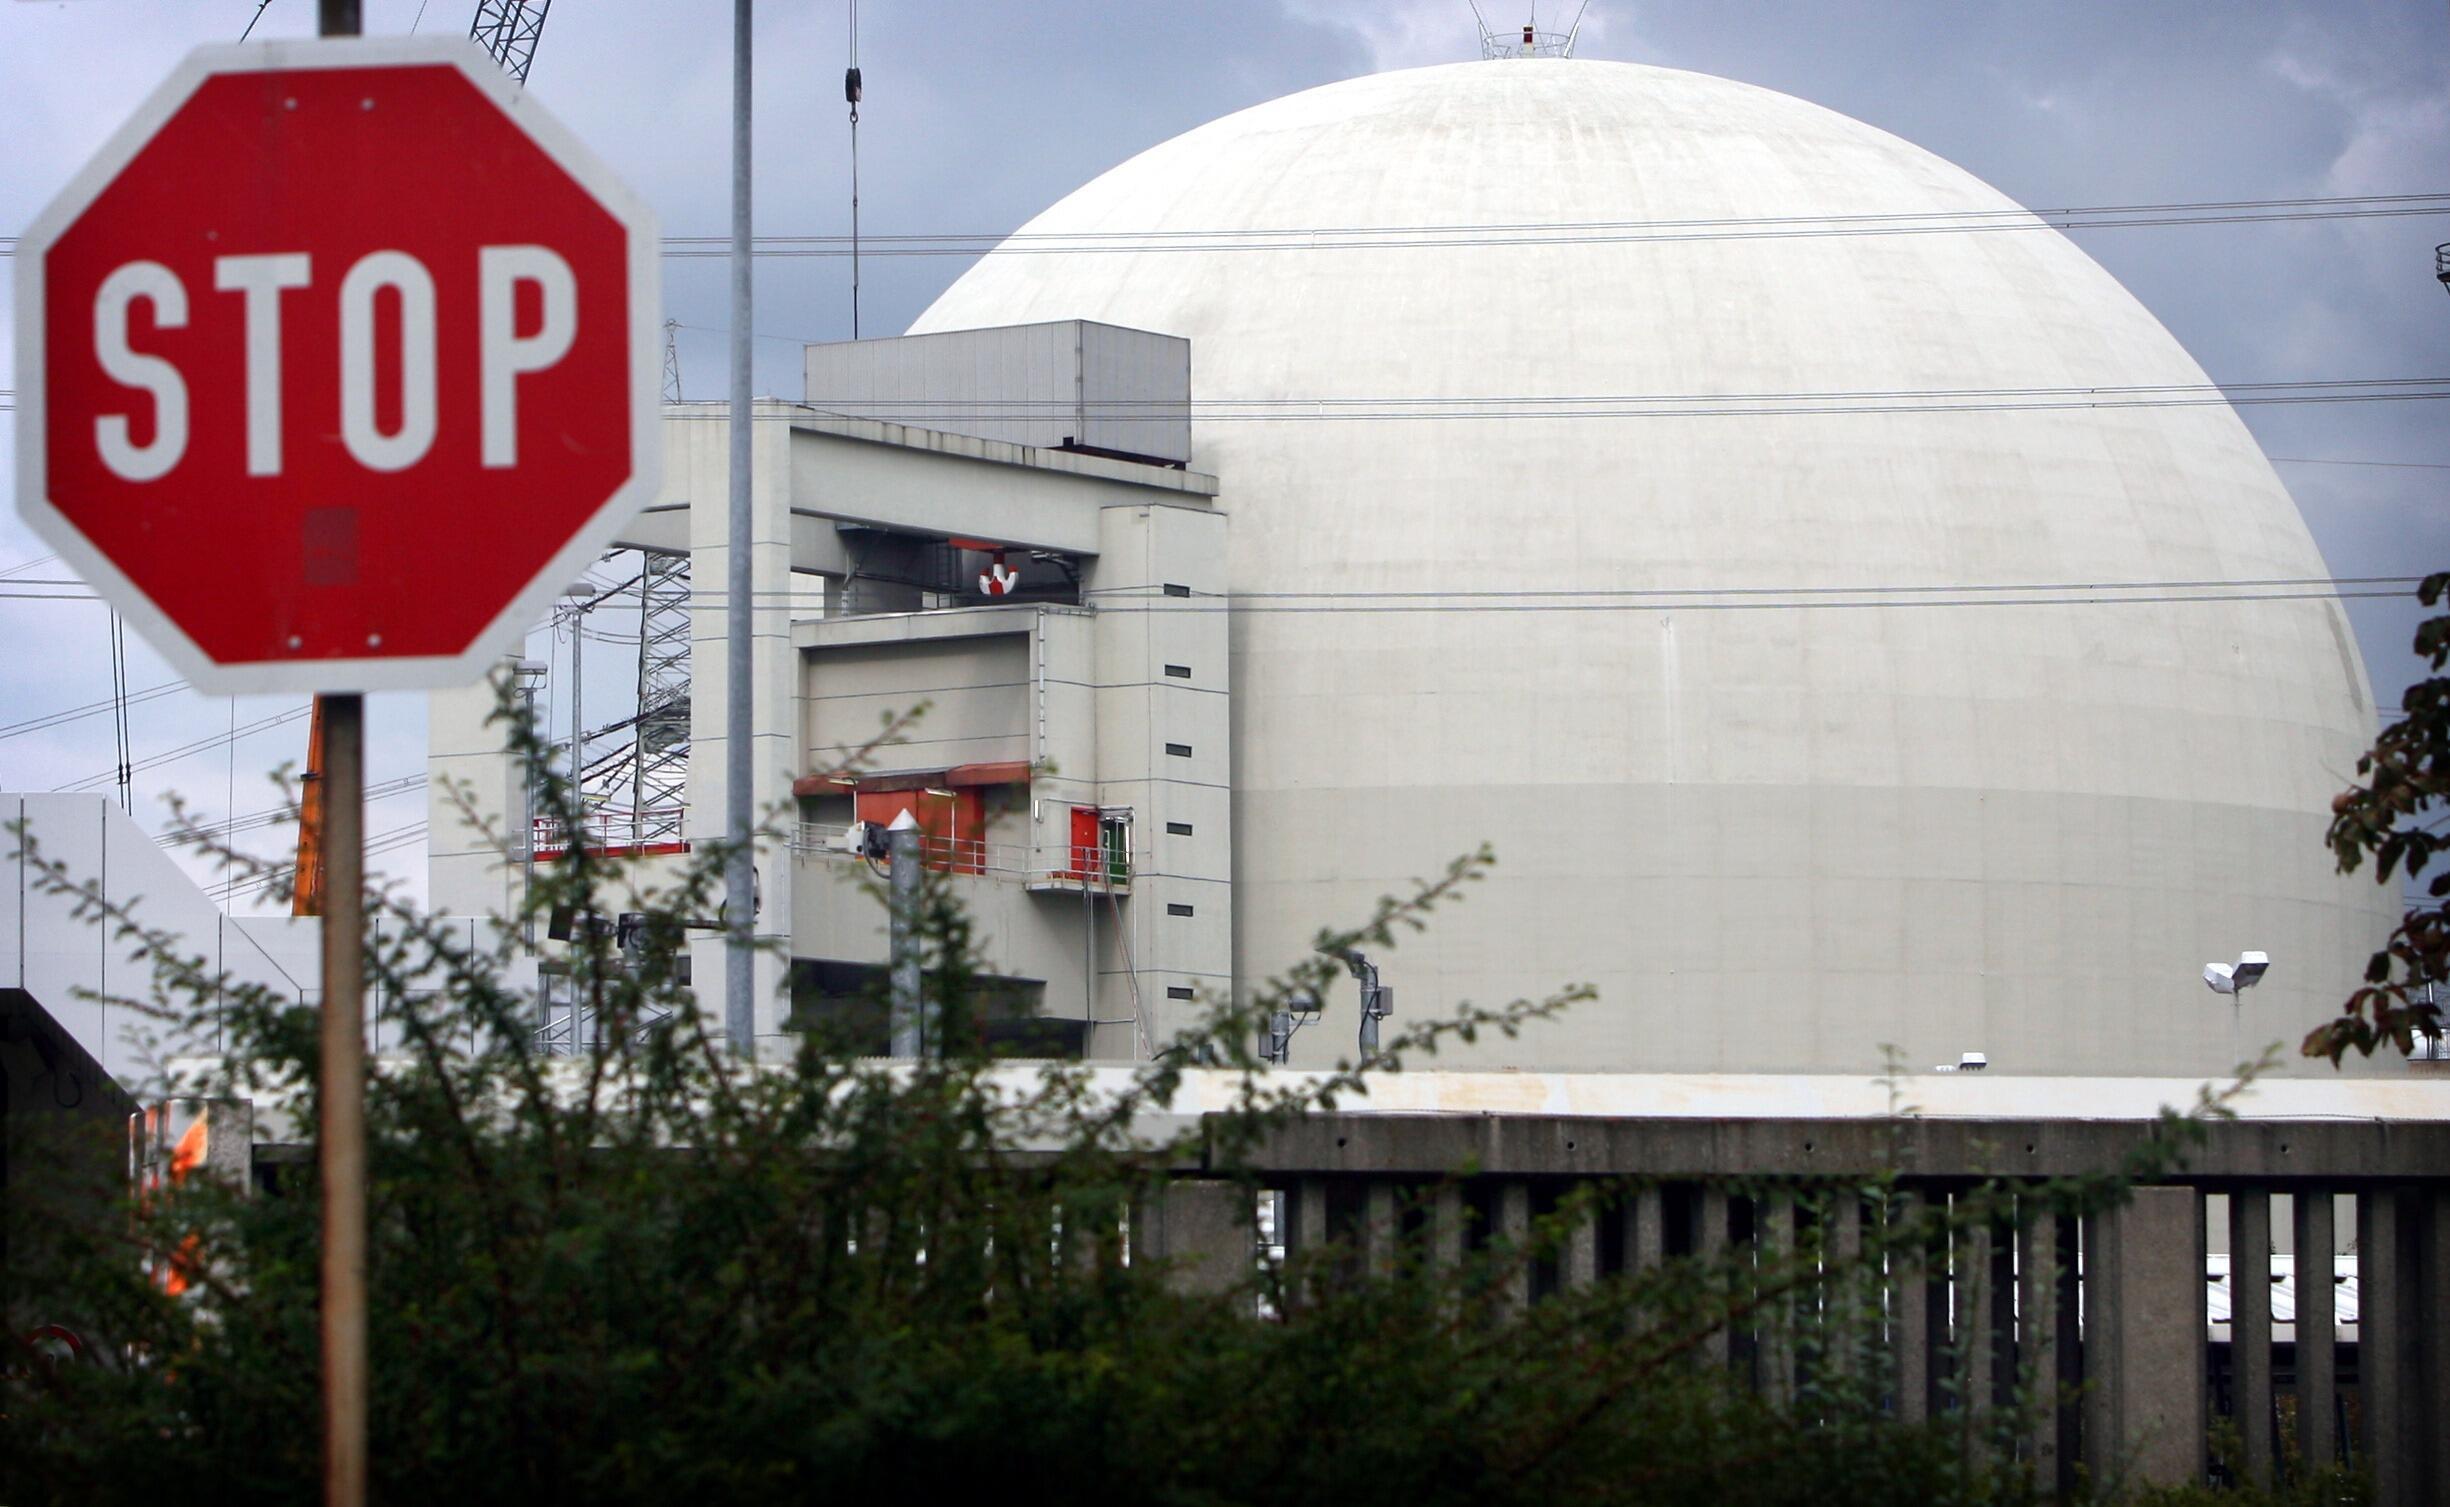 یکی از قدیمیترین نیروگاههای اتمی آلمان در نزدیکی فرانکفورت که باید تعظیل شود